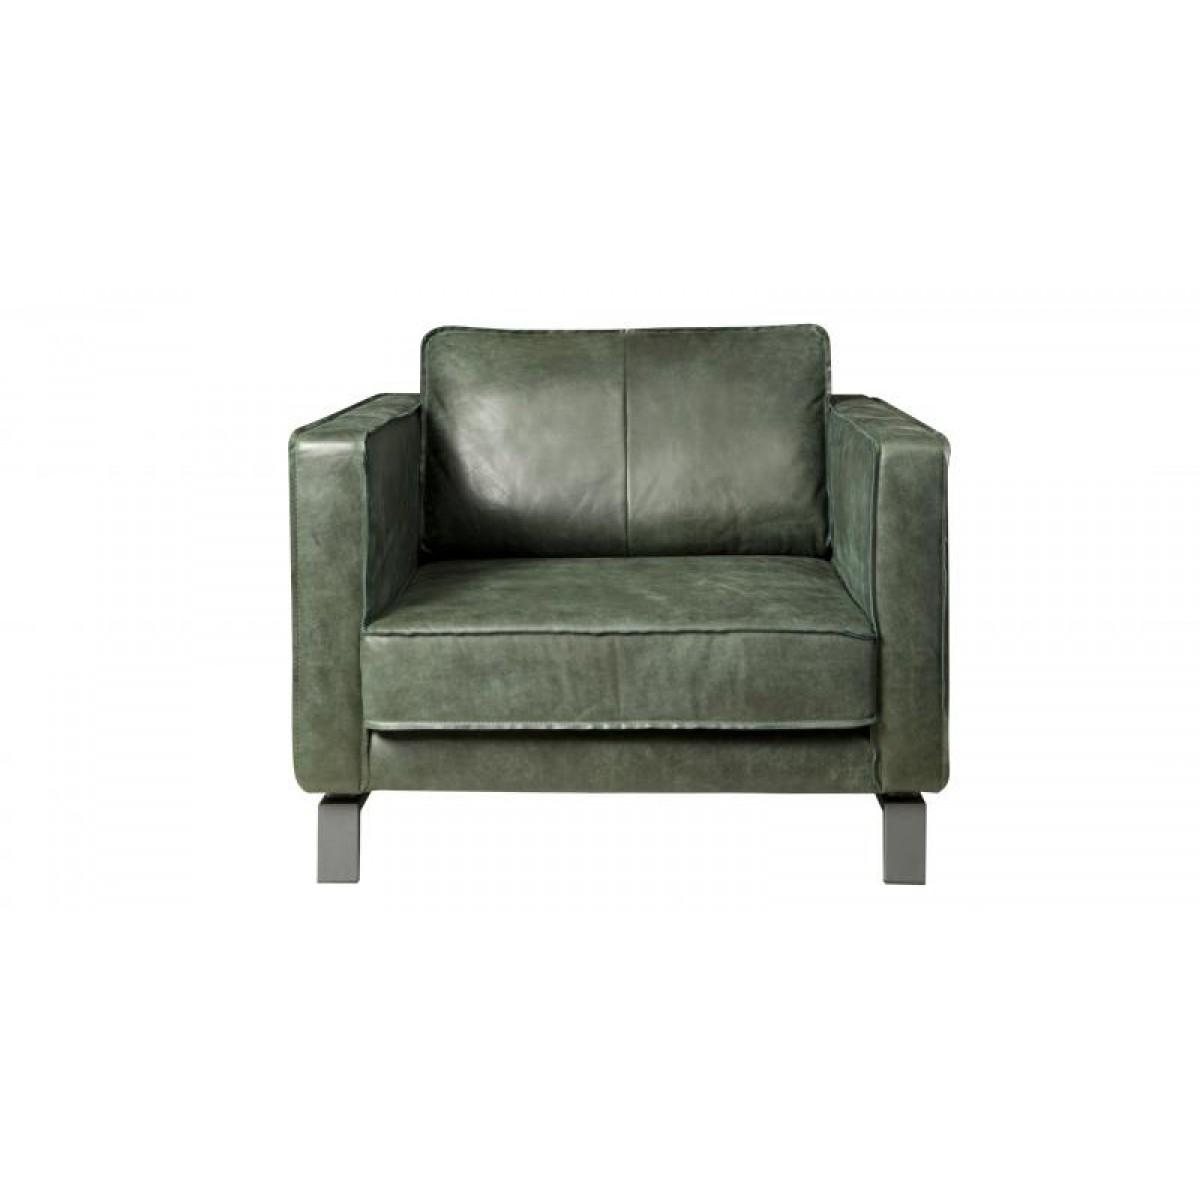 Loveseat sessel leder  Havana Sessel | I Live Design Preisgünstig online Moebel kaufen